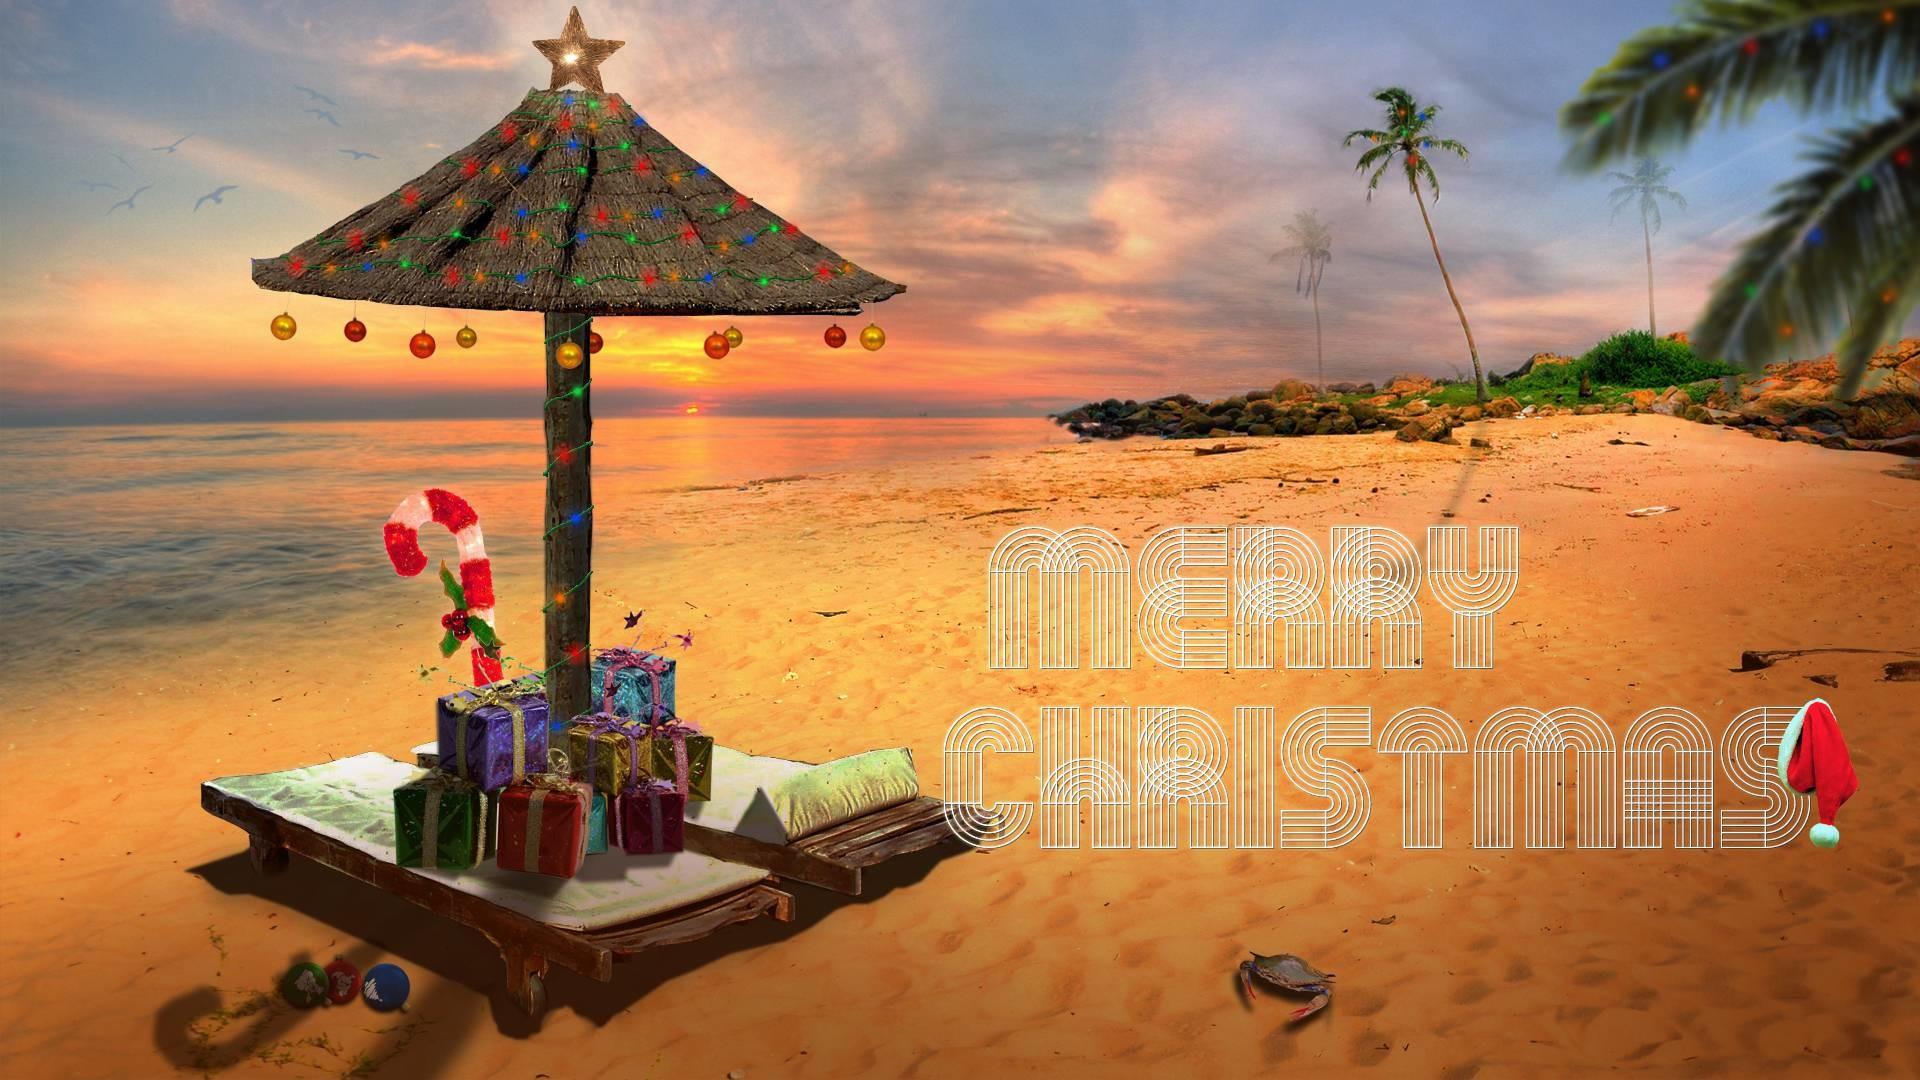 Beach Christmas Wallpaper | Great World